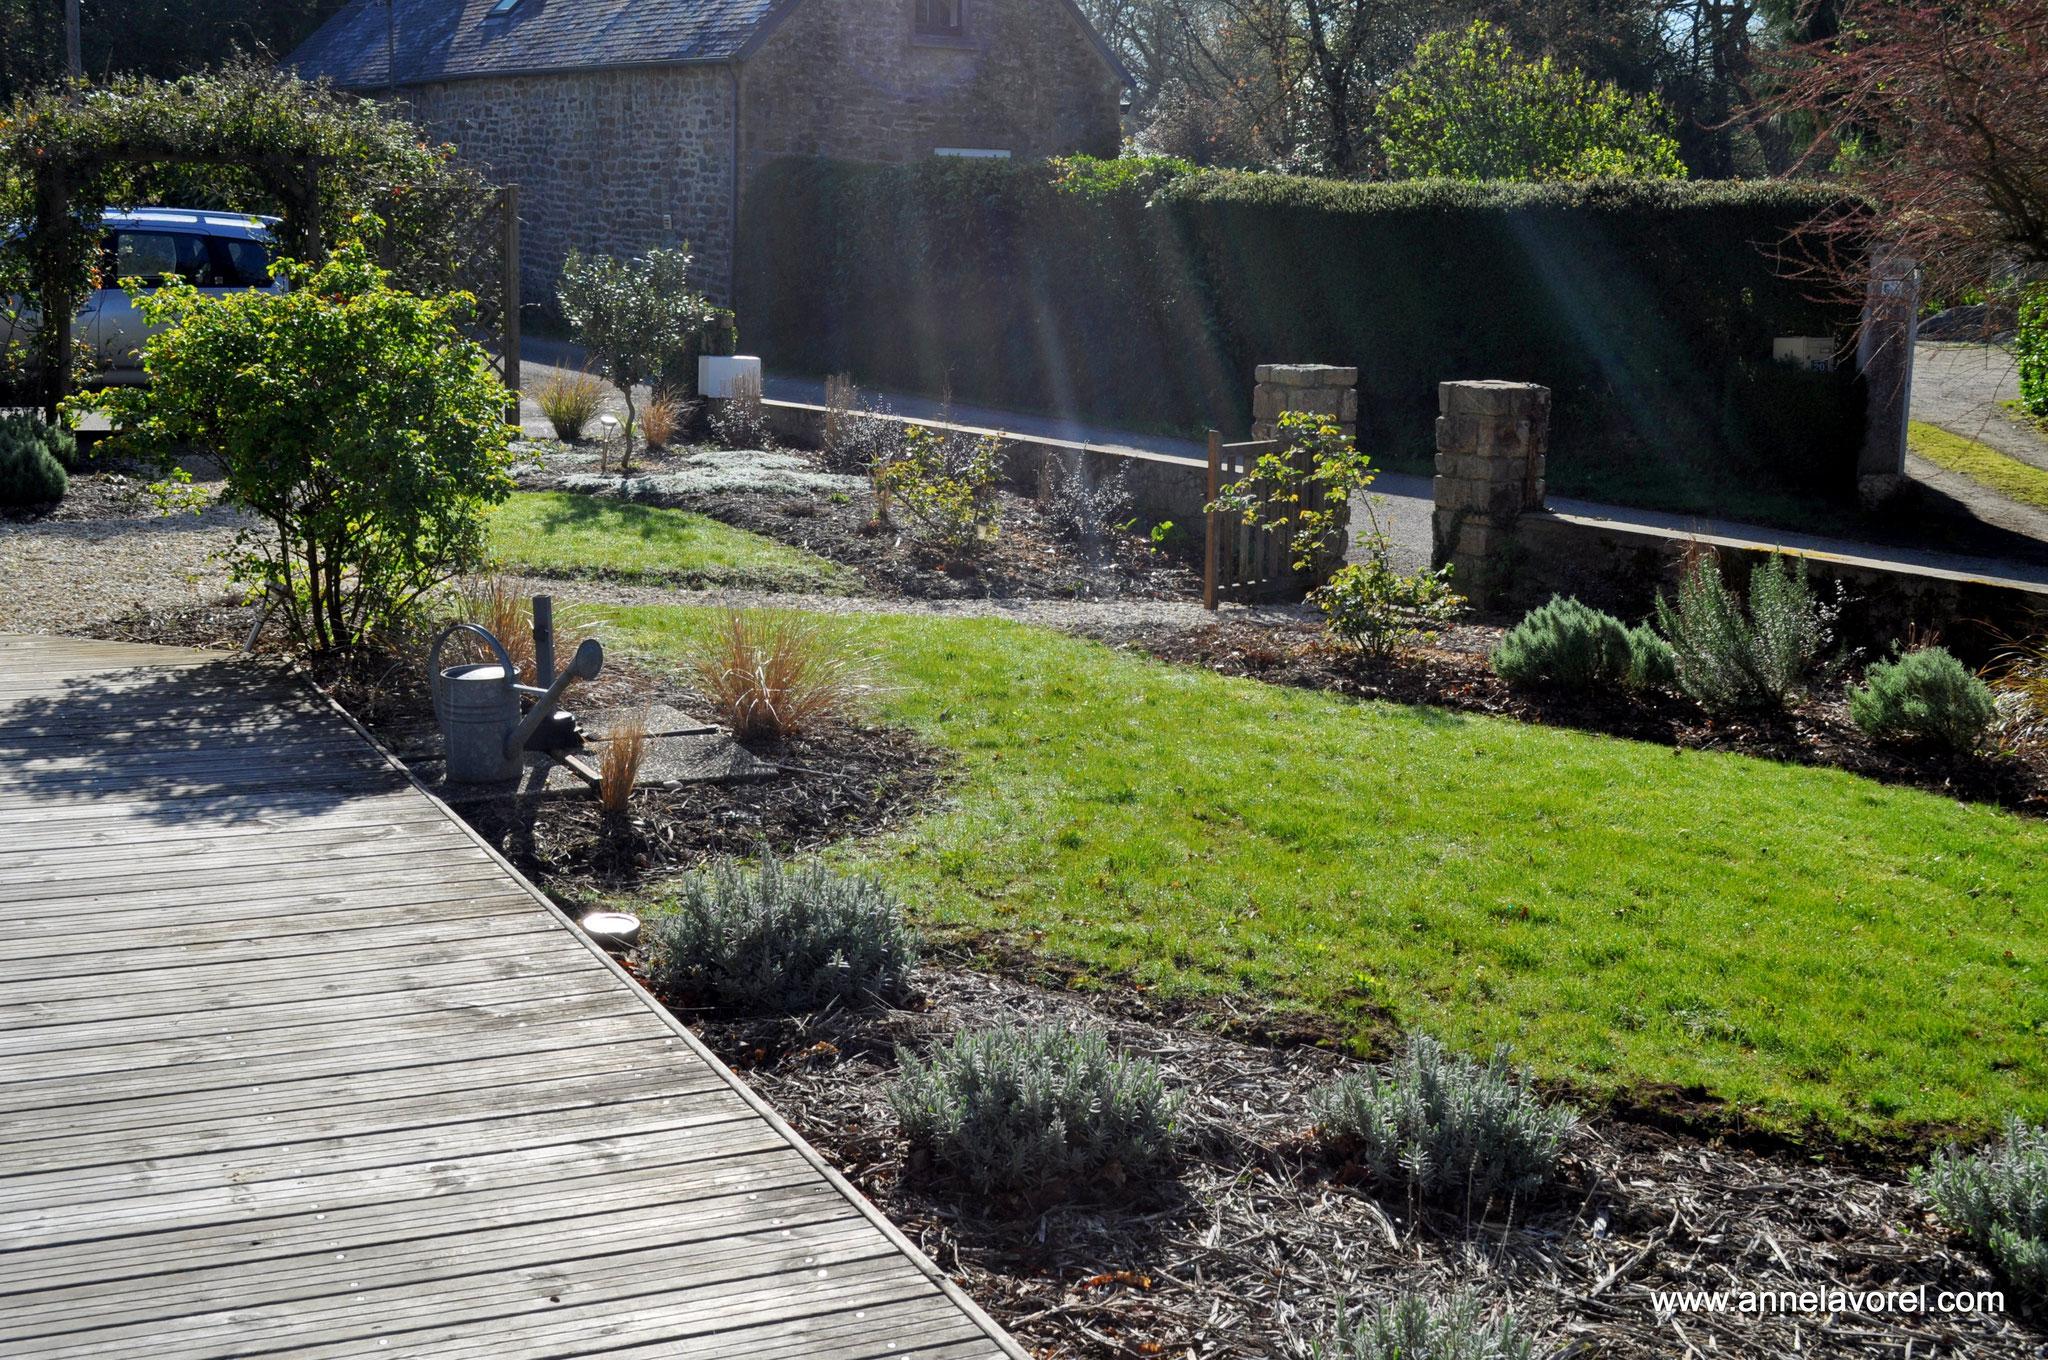 Massif d'arbustes à baies, de rosiers, de plantes aromatiques et de graminées.